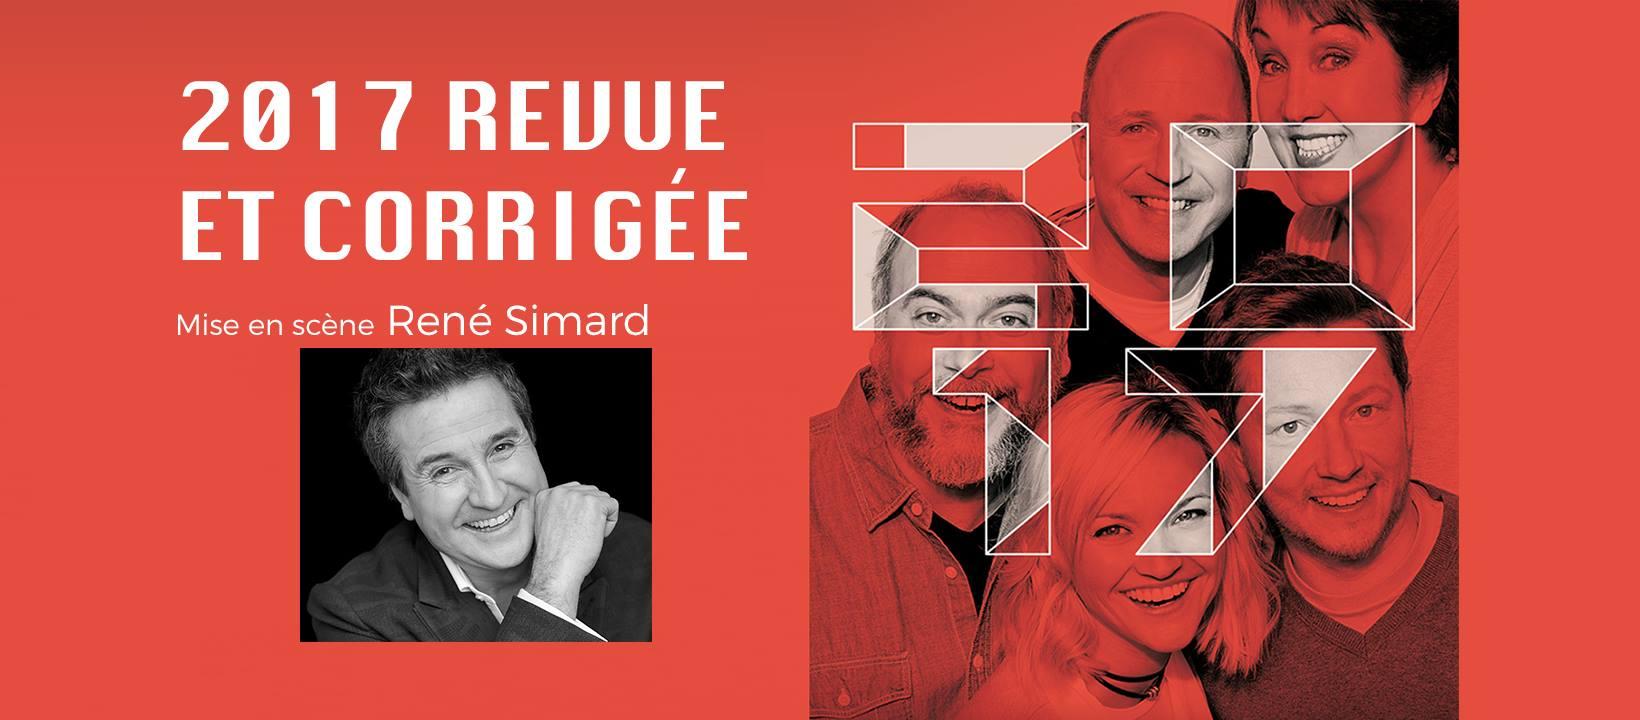 2017 Revue et corrigée Photo: Facebook Théâtre du Rideau Vert